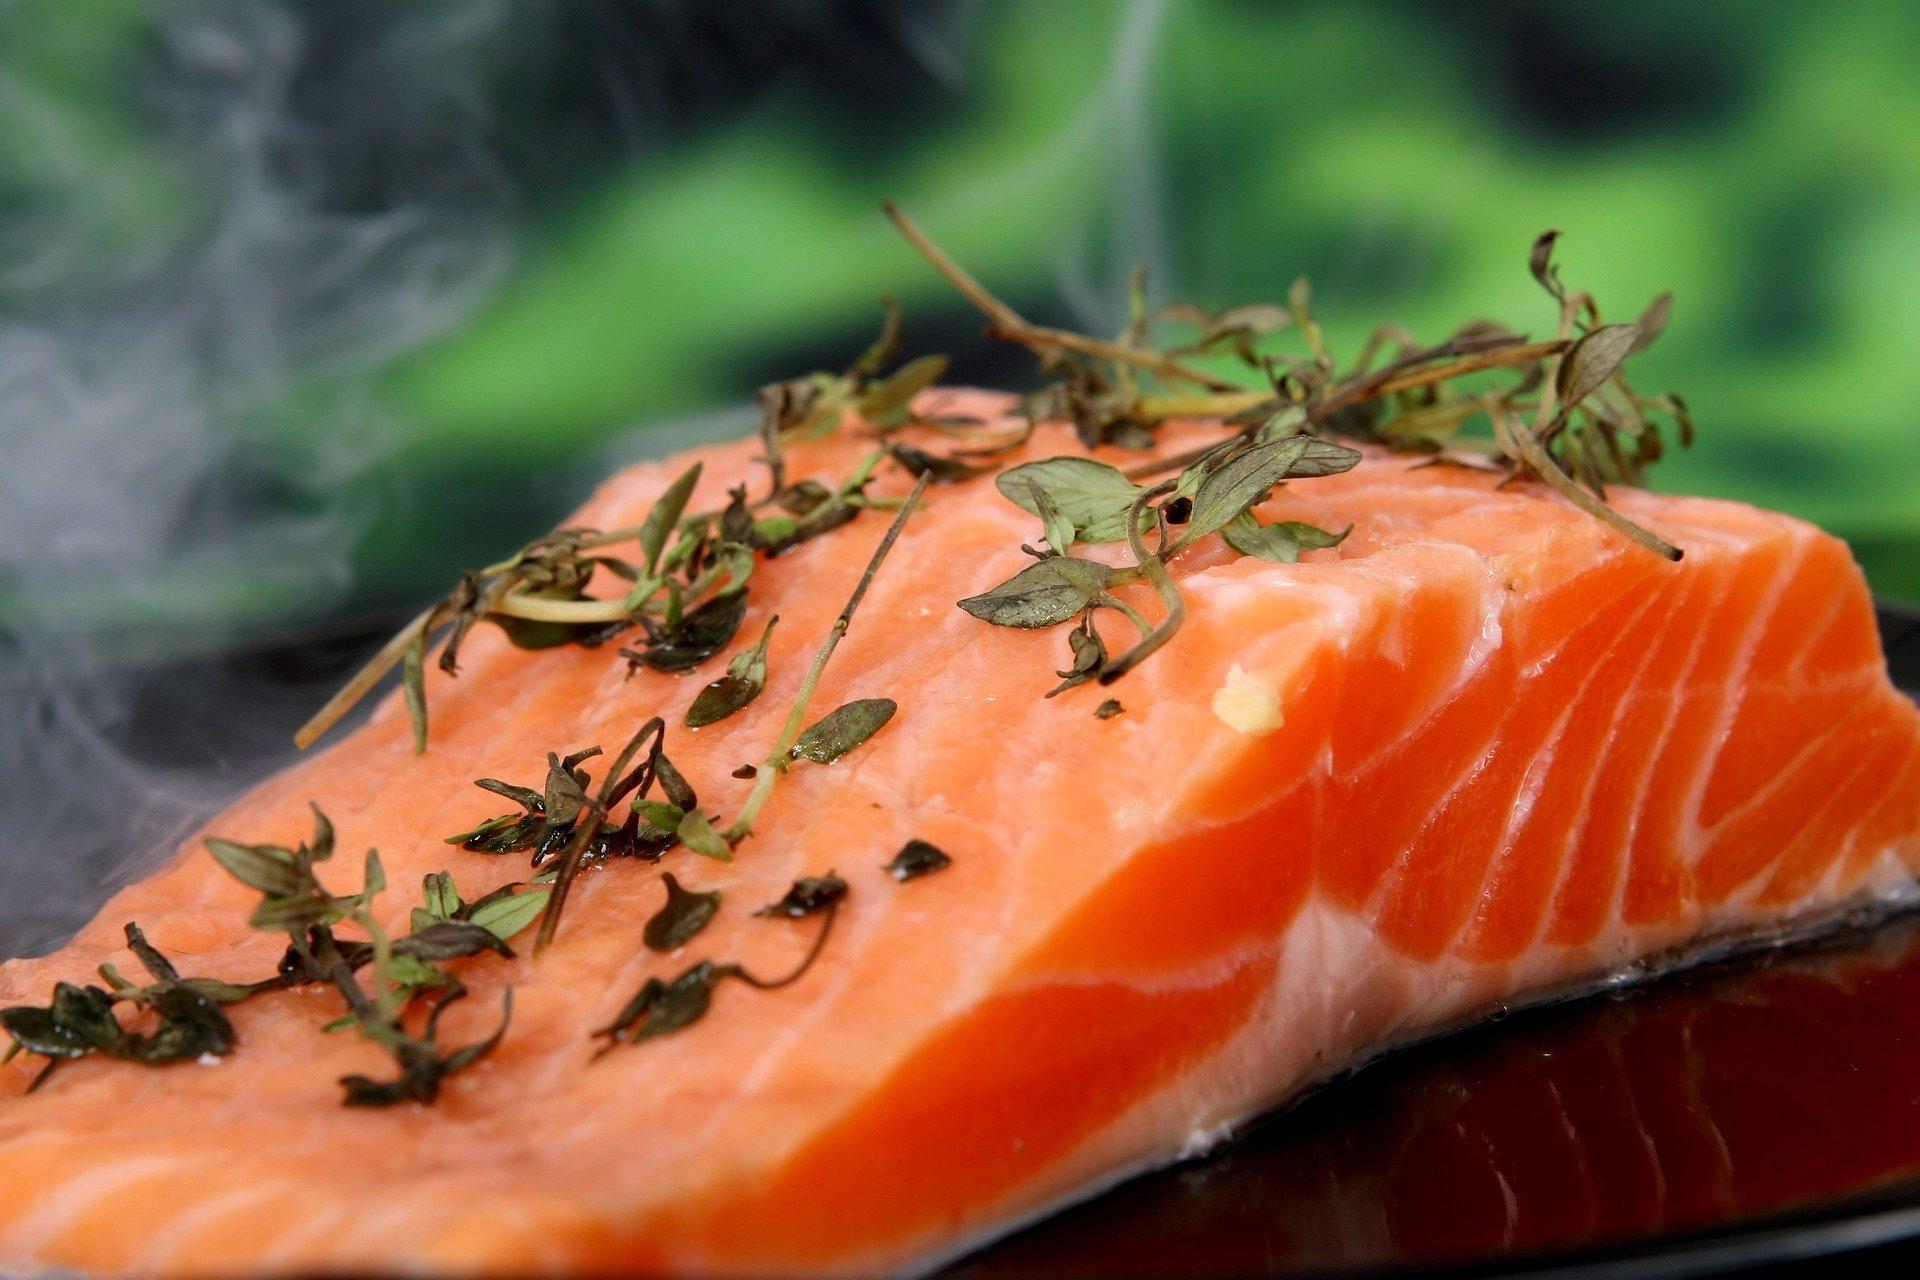 Εναλλακτική ιατρική πονοκέφαλος: Σύμφωνα με μελέτη, τα λιπαρά ψάρια ωφελούν τους πονοκεφάλους